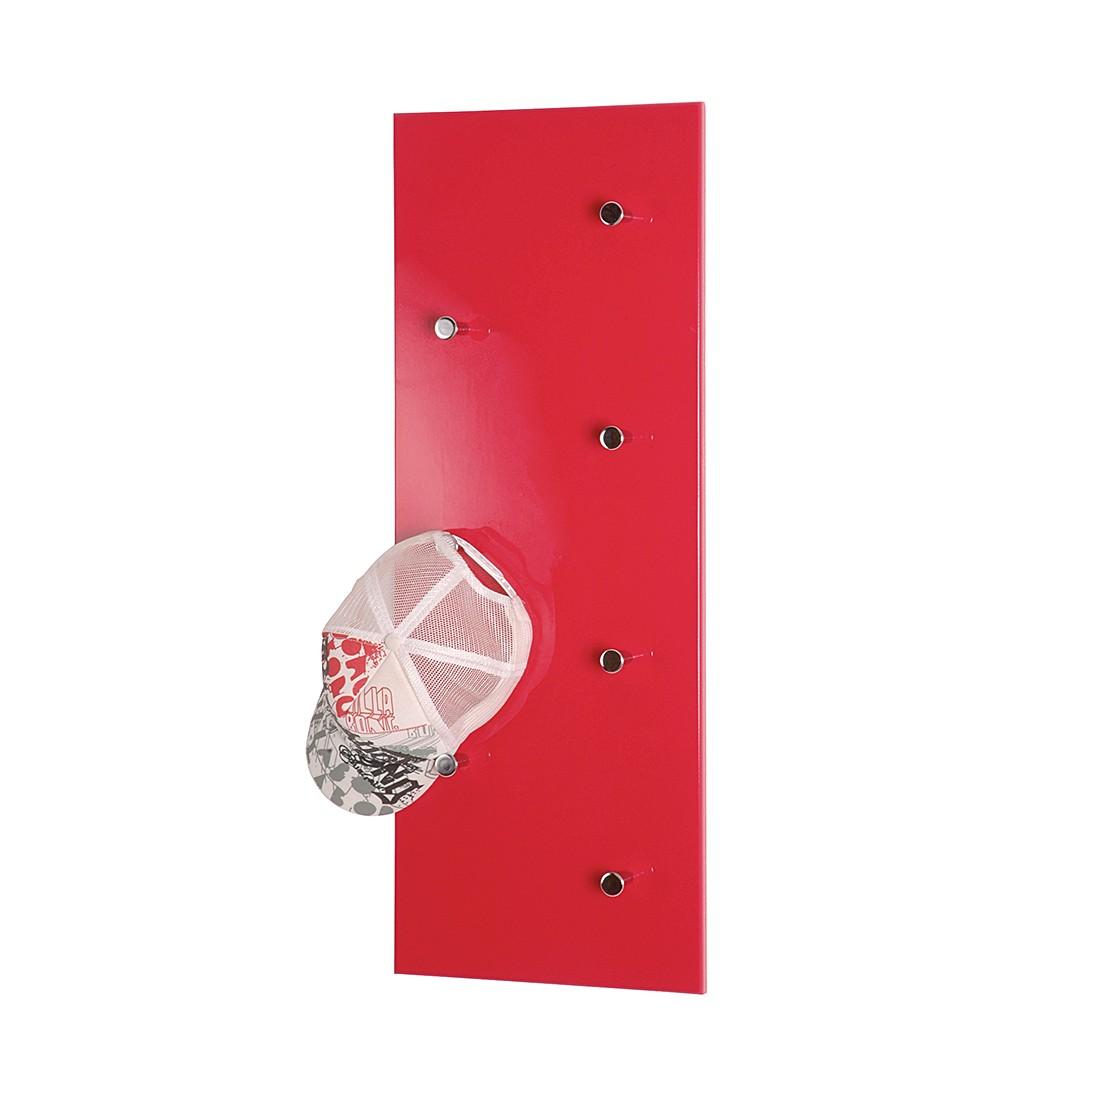 Kapstok Proka - hoogglans rood, Home Design